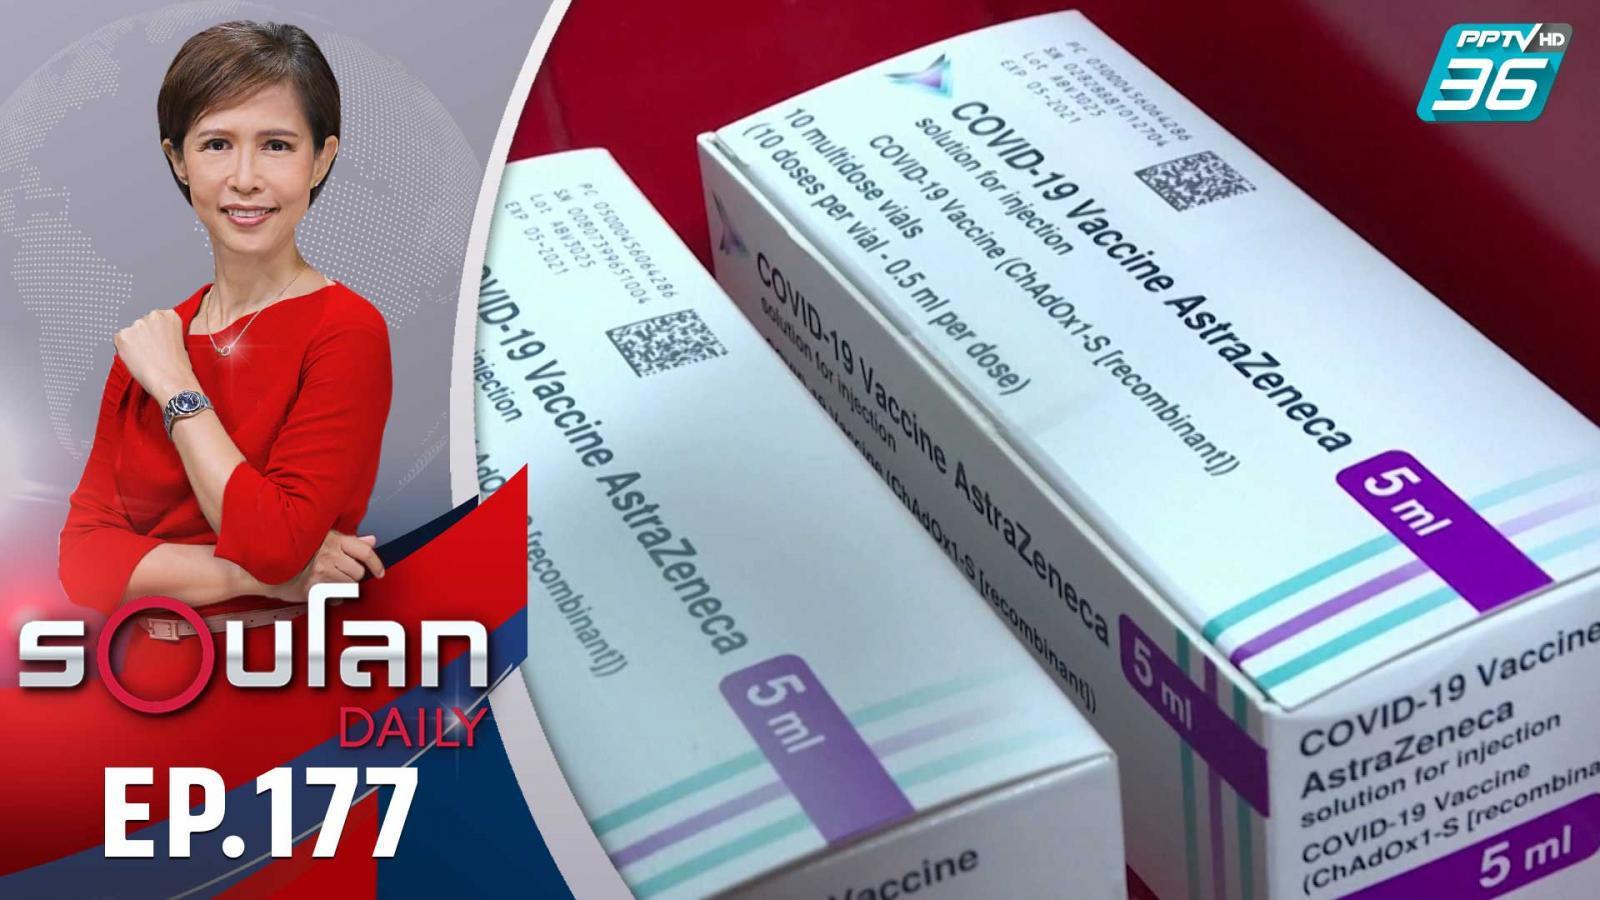 วัคซีนแอสตราเซเนกา ถึงไทยพร้อมวัคซีนซิโนแวค